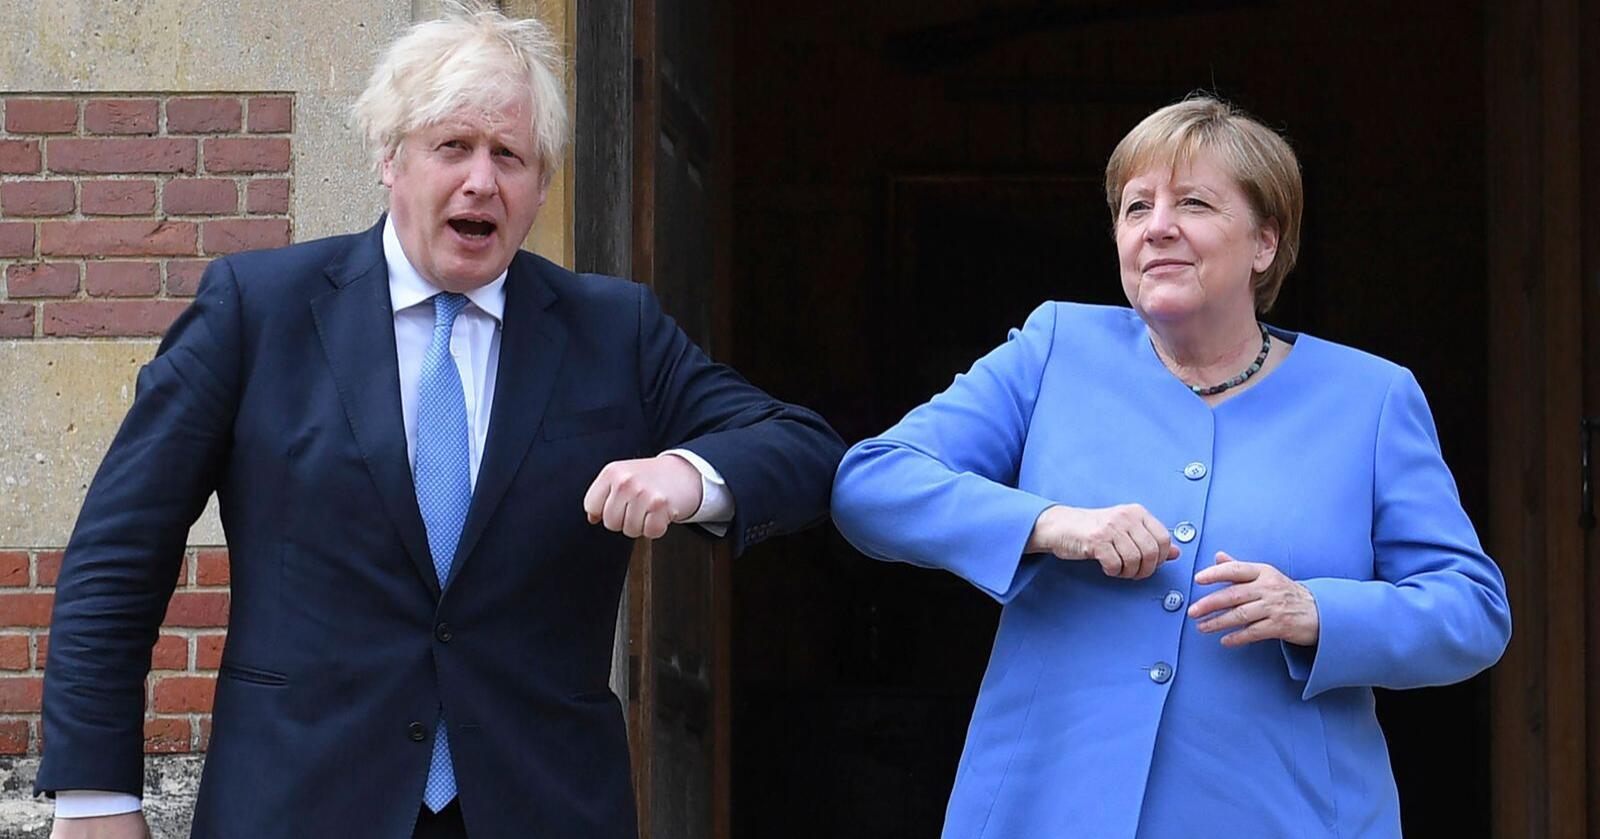 Boris Johnson og Angela Merkel hilste på koronavennlig vis med albuene da de møttes fredag. Foto: Stefan Rousseau / Pool Photo via AP / NTB